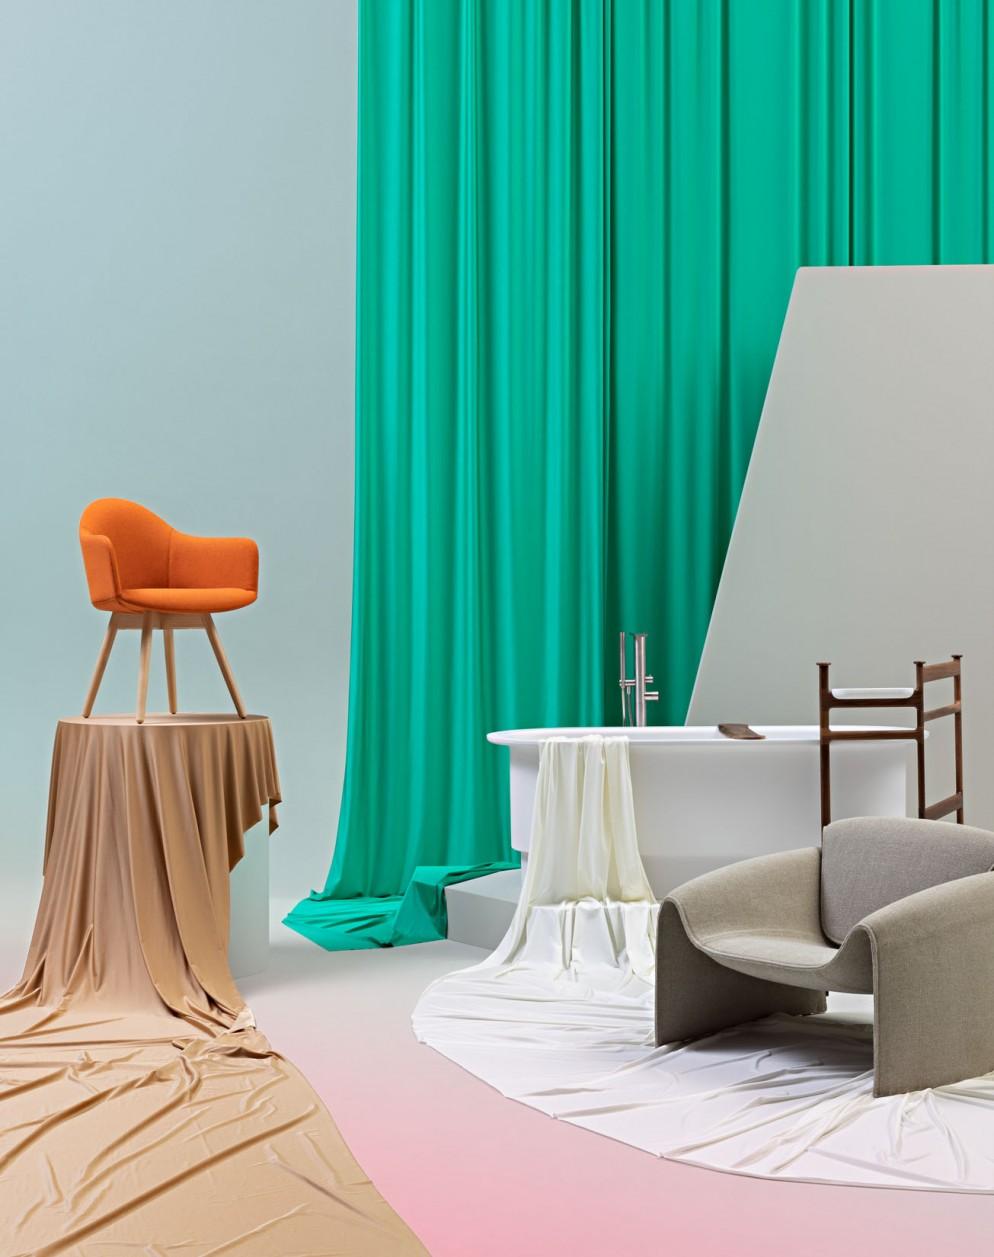 idee-per-arredare-salotto-divani-lampade-sedie-poltroncine-tavoli-02